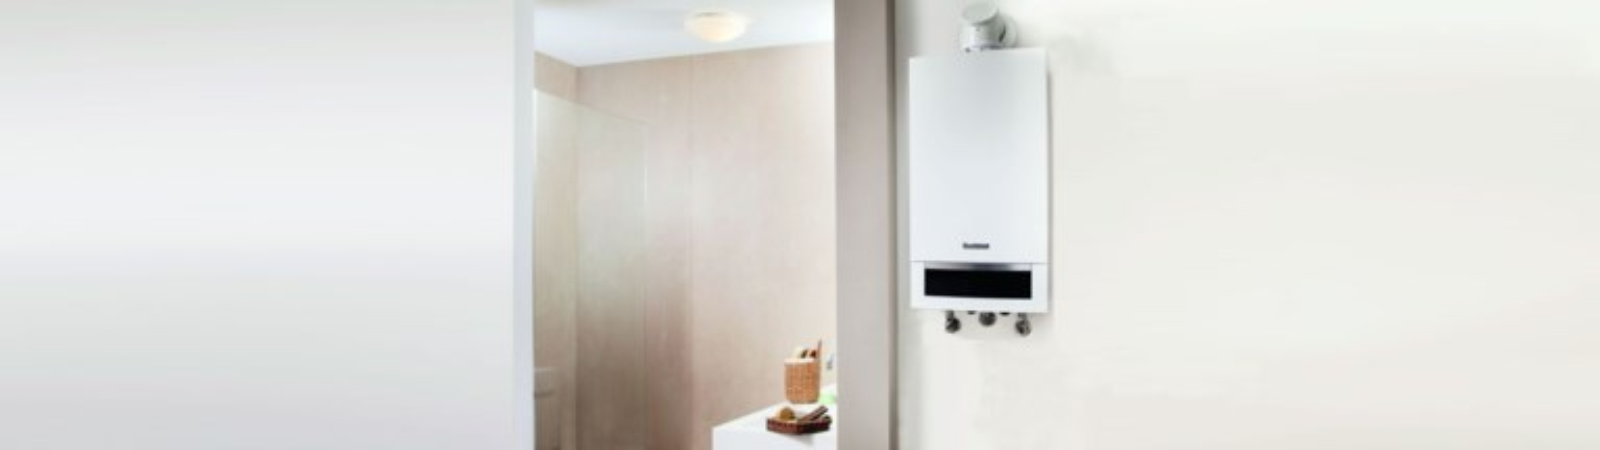 Neue, hocheffiziente Gasbrennwerttherme kaufen